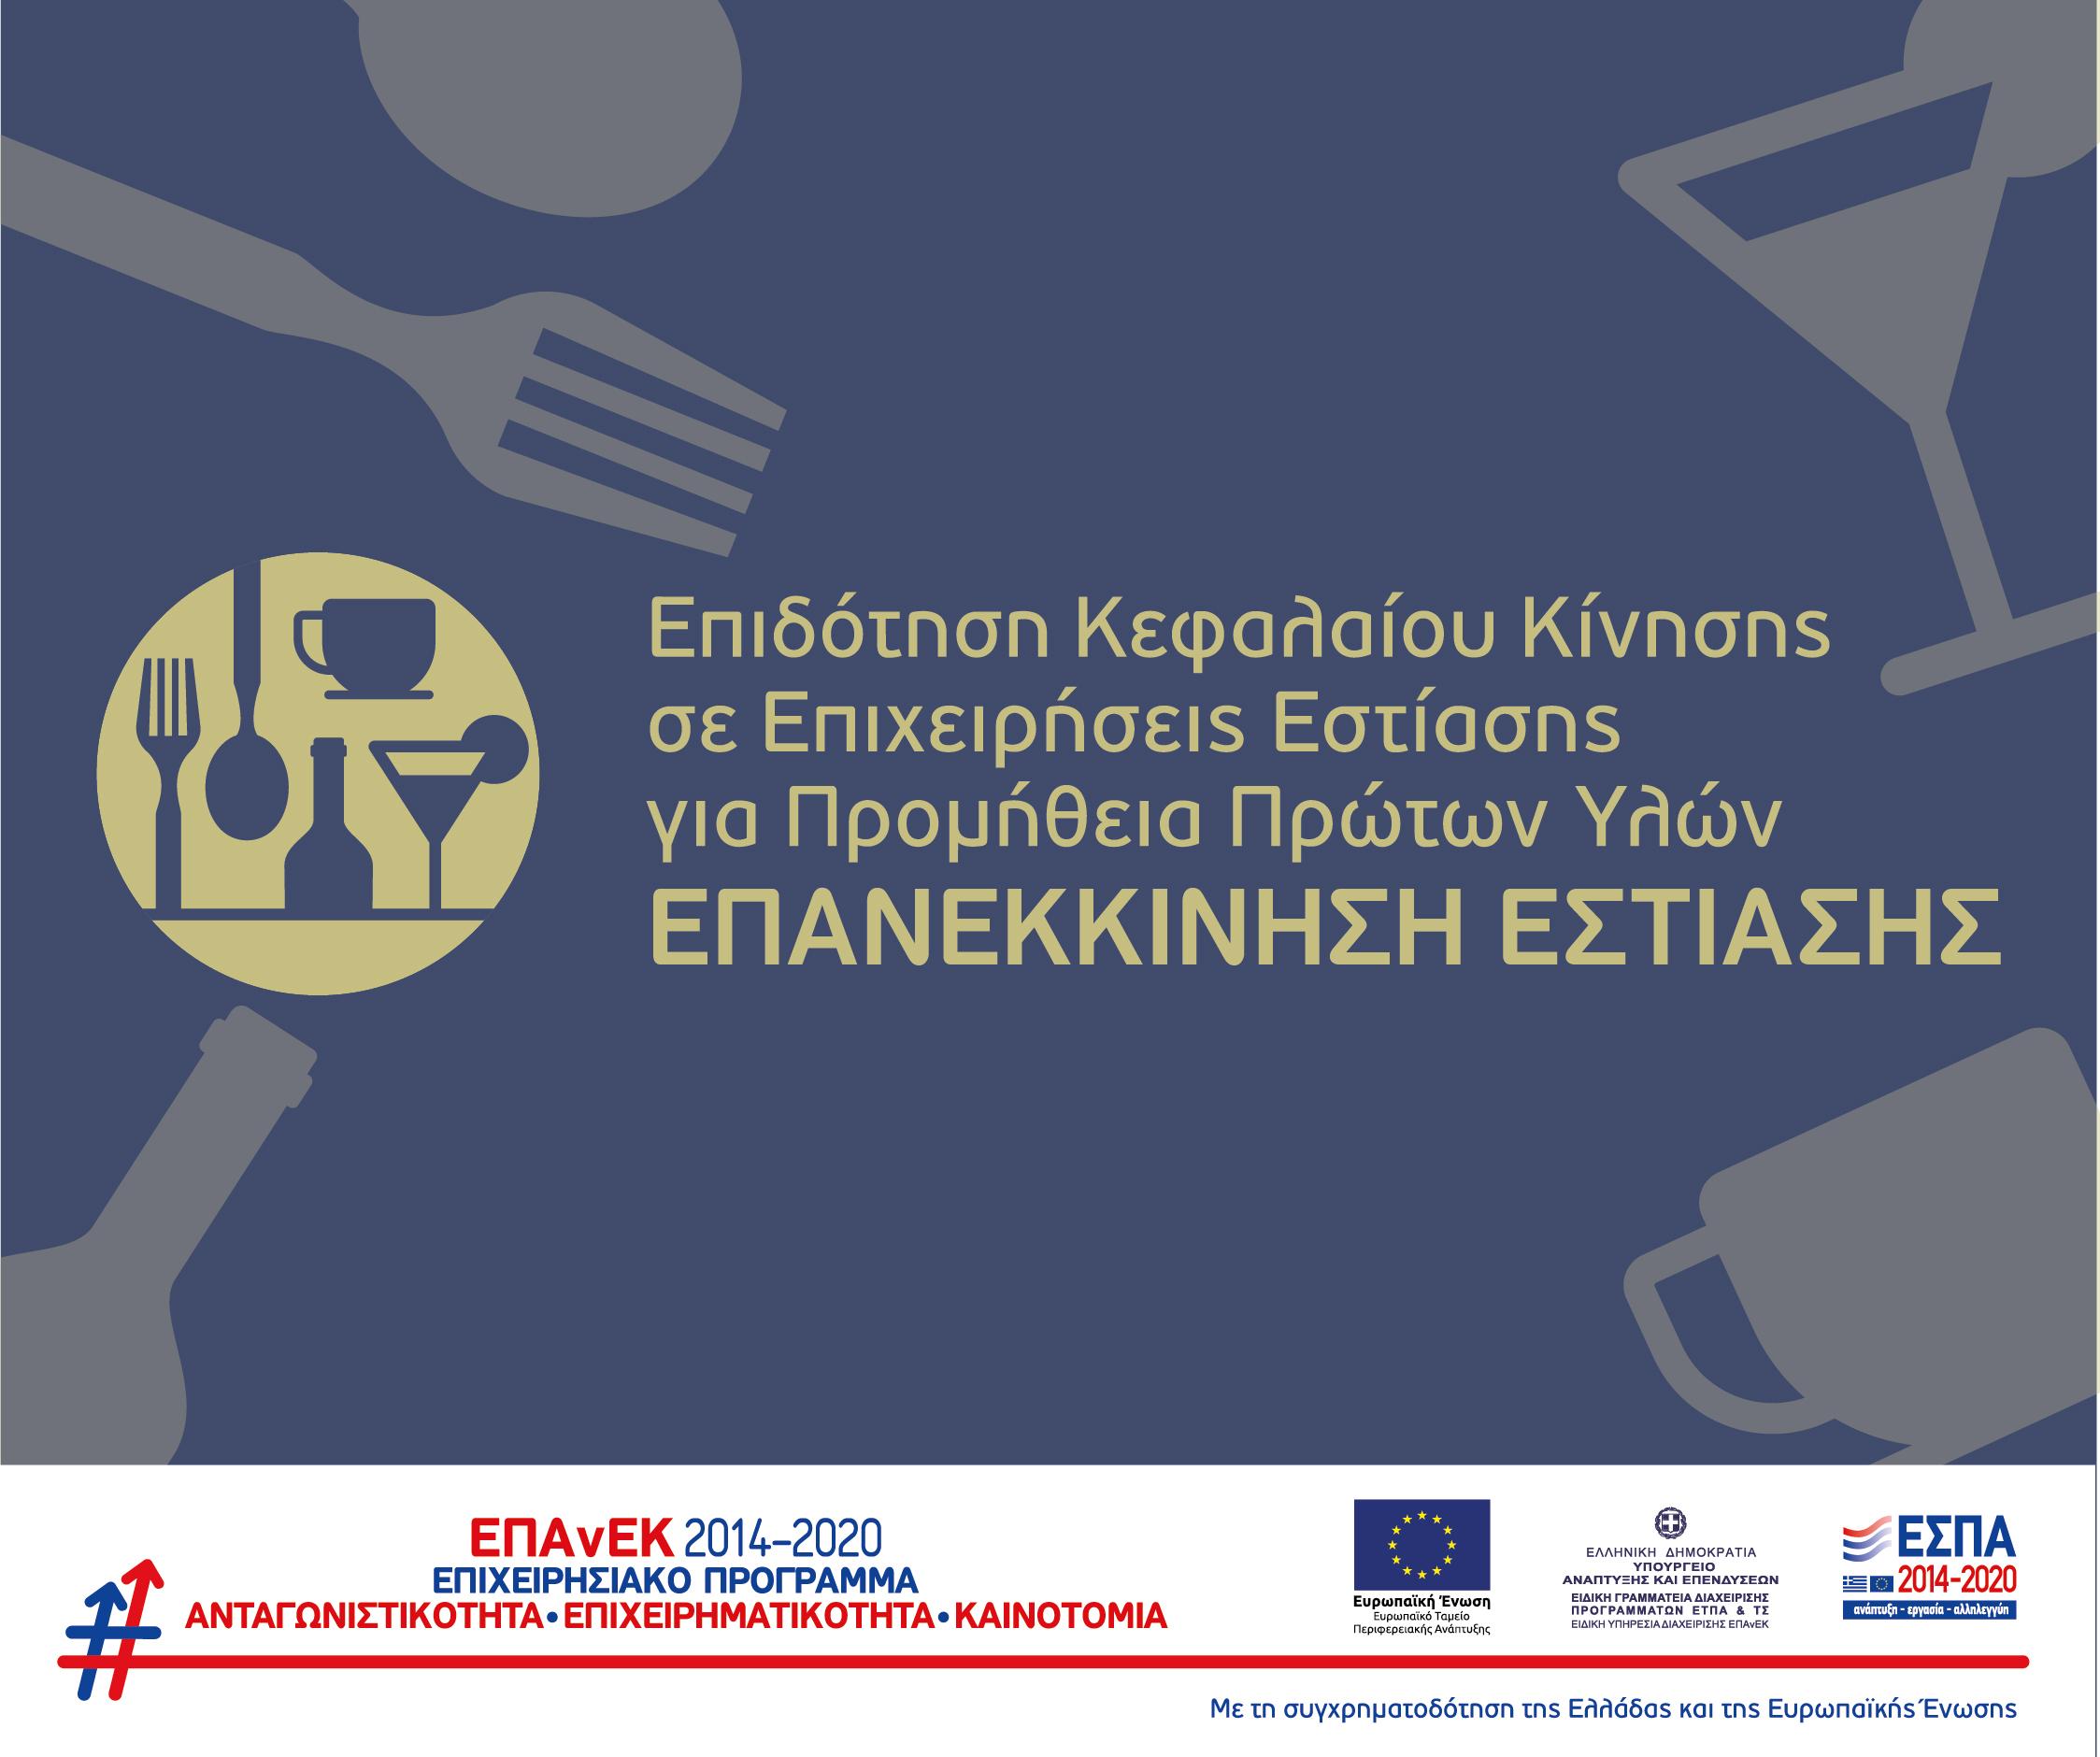 Προγραμματα 2014-2020 / Επιδότηση Κεφαλαίου Κίνησης σε Επιχειρήσεις Εστίασης για Προμήθεια Πρώτων Υλών